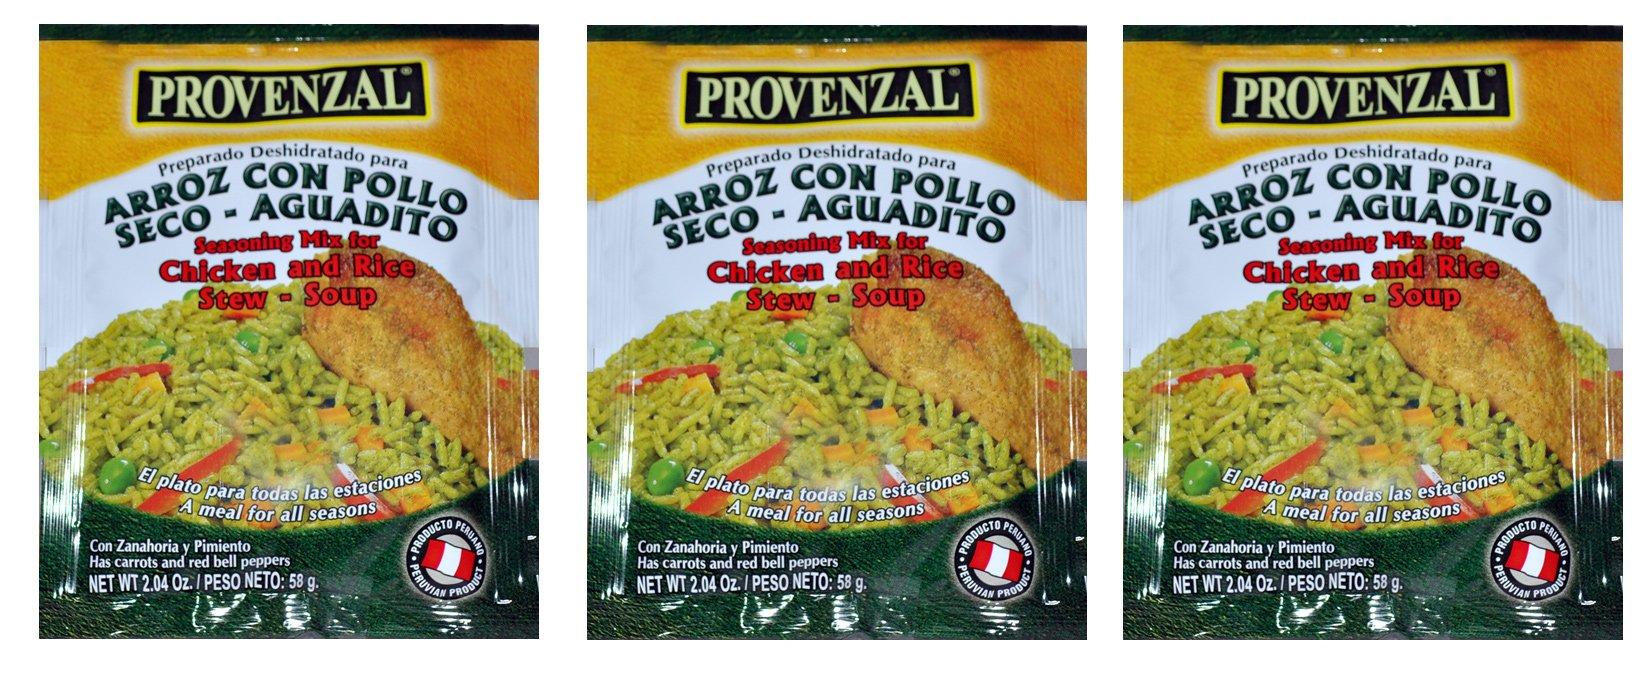 Arroz con Pollo Provenzal 3 pack of 2.04 oz each - 3 sobres